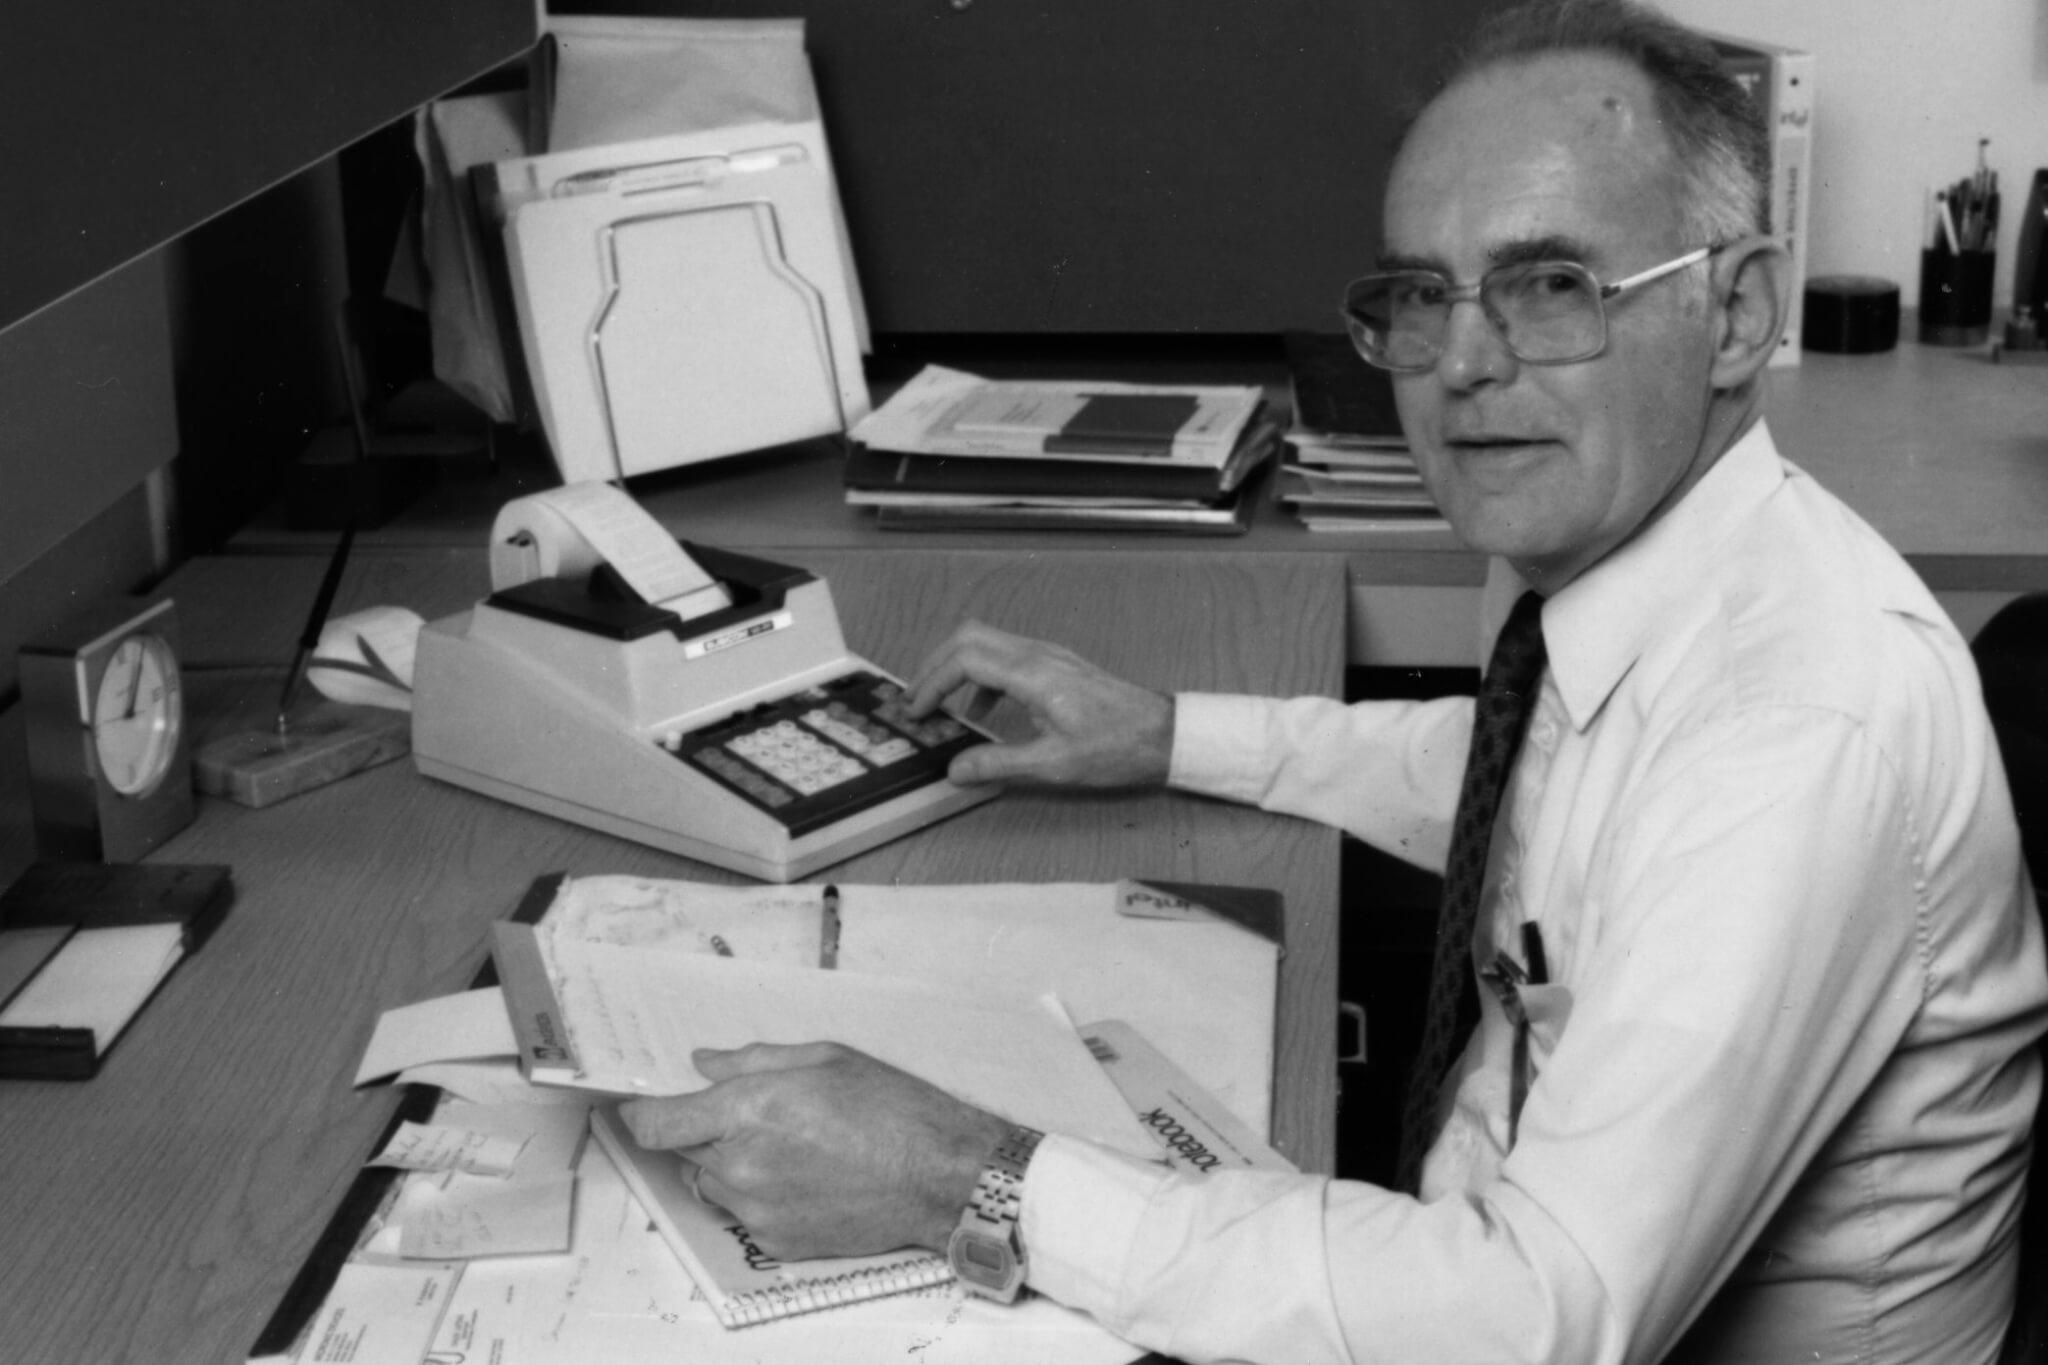 smt gordon moore sixties - Atual e inspiradora, Lei de Moore comemora 50 anos